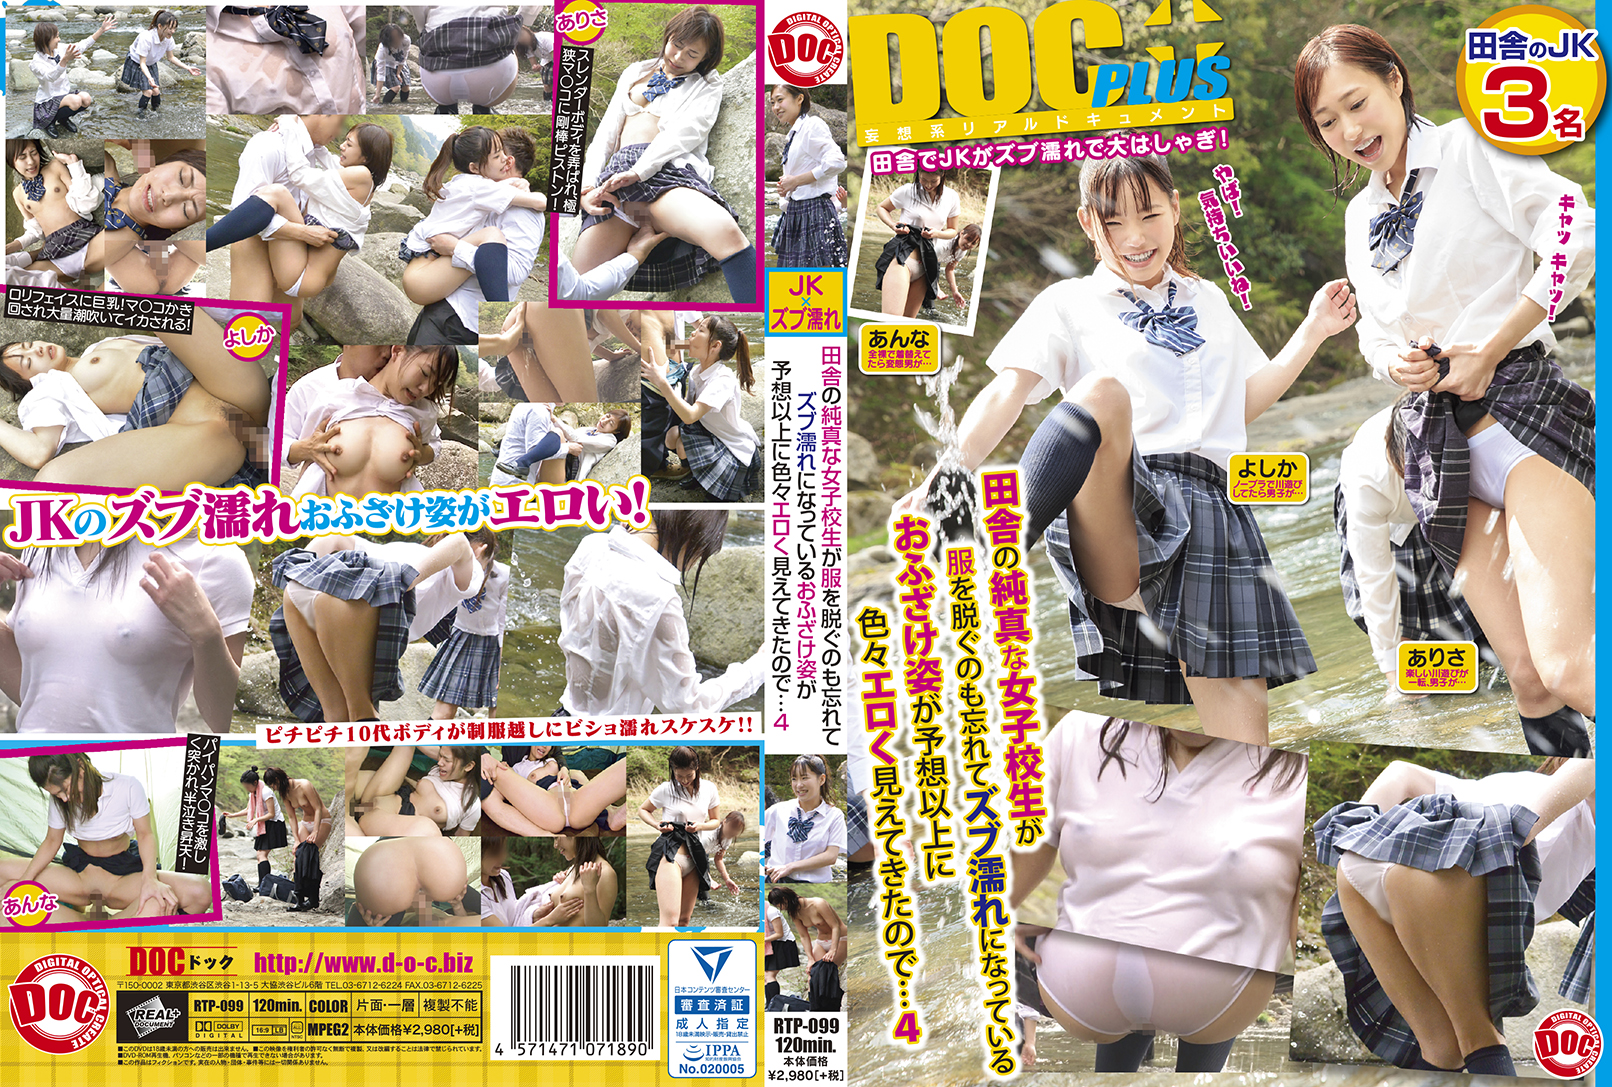 RTP-099-pack